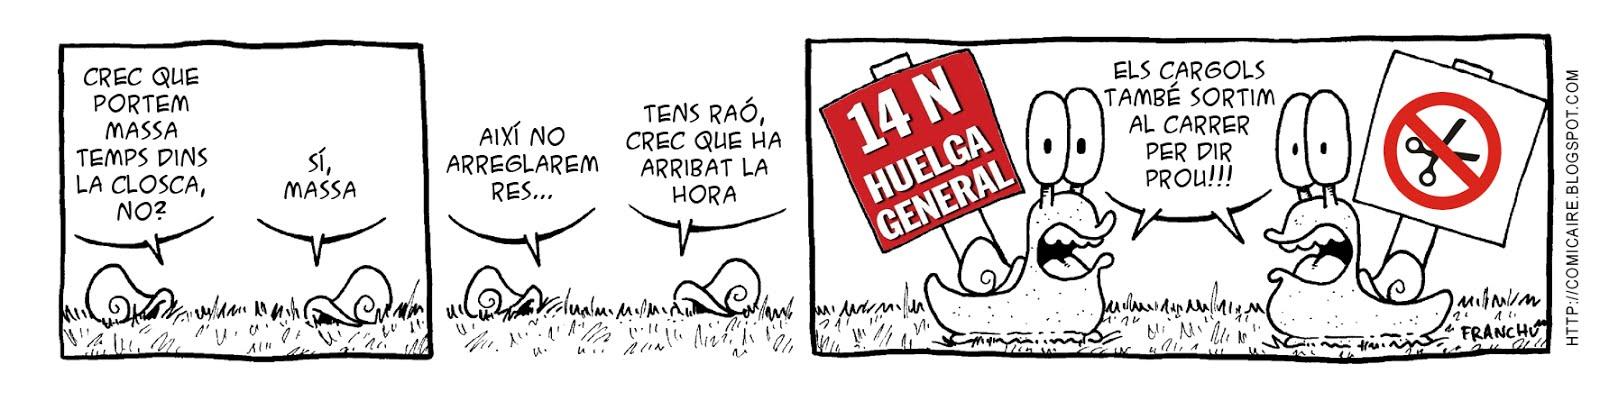 Tira comica 142 del webcomic Cargols del dibuixant Franchu de Barcelona